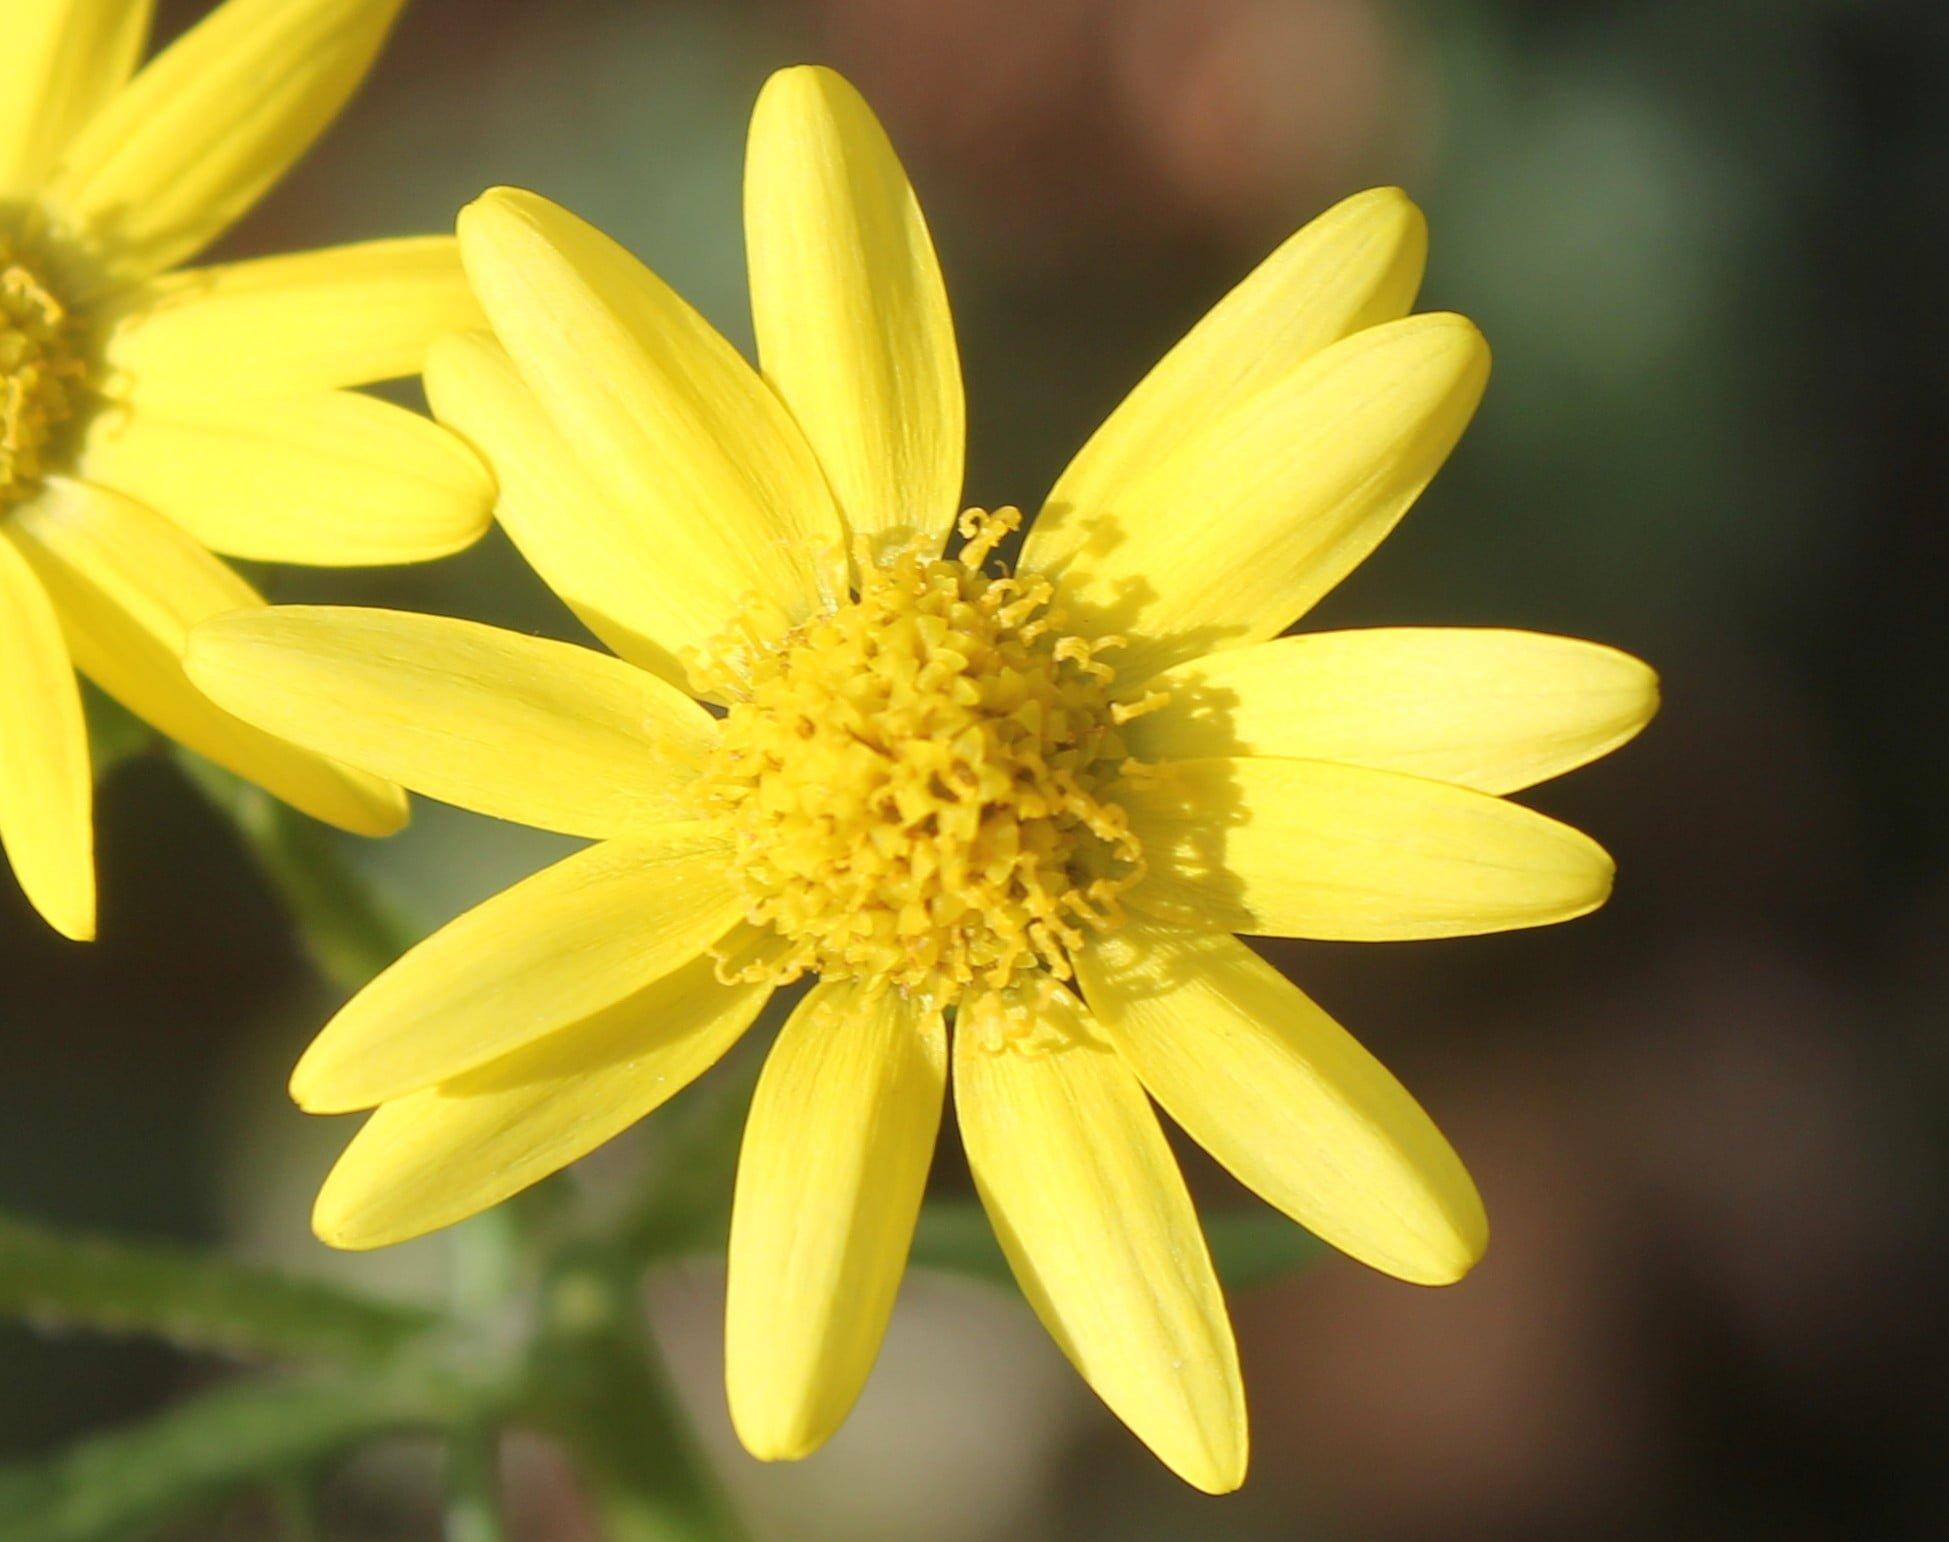 Senecio leucanthemifolius subsp. vernalis